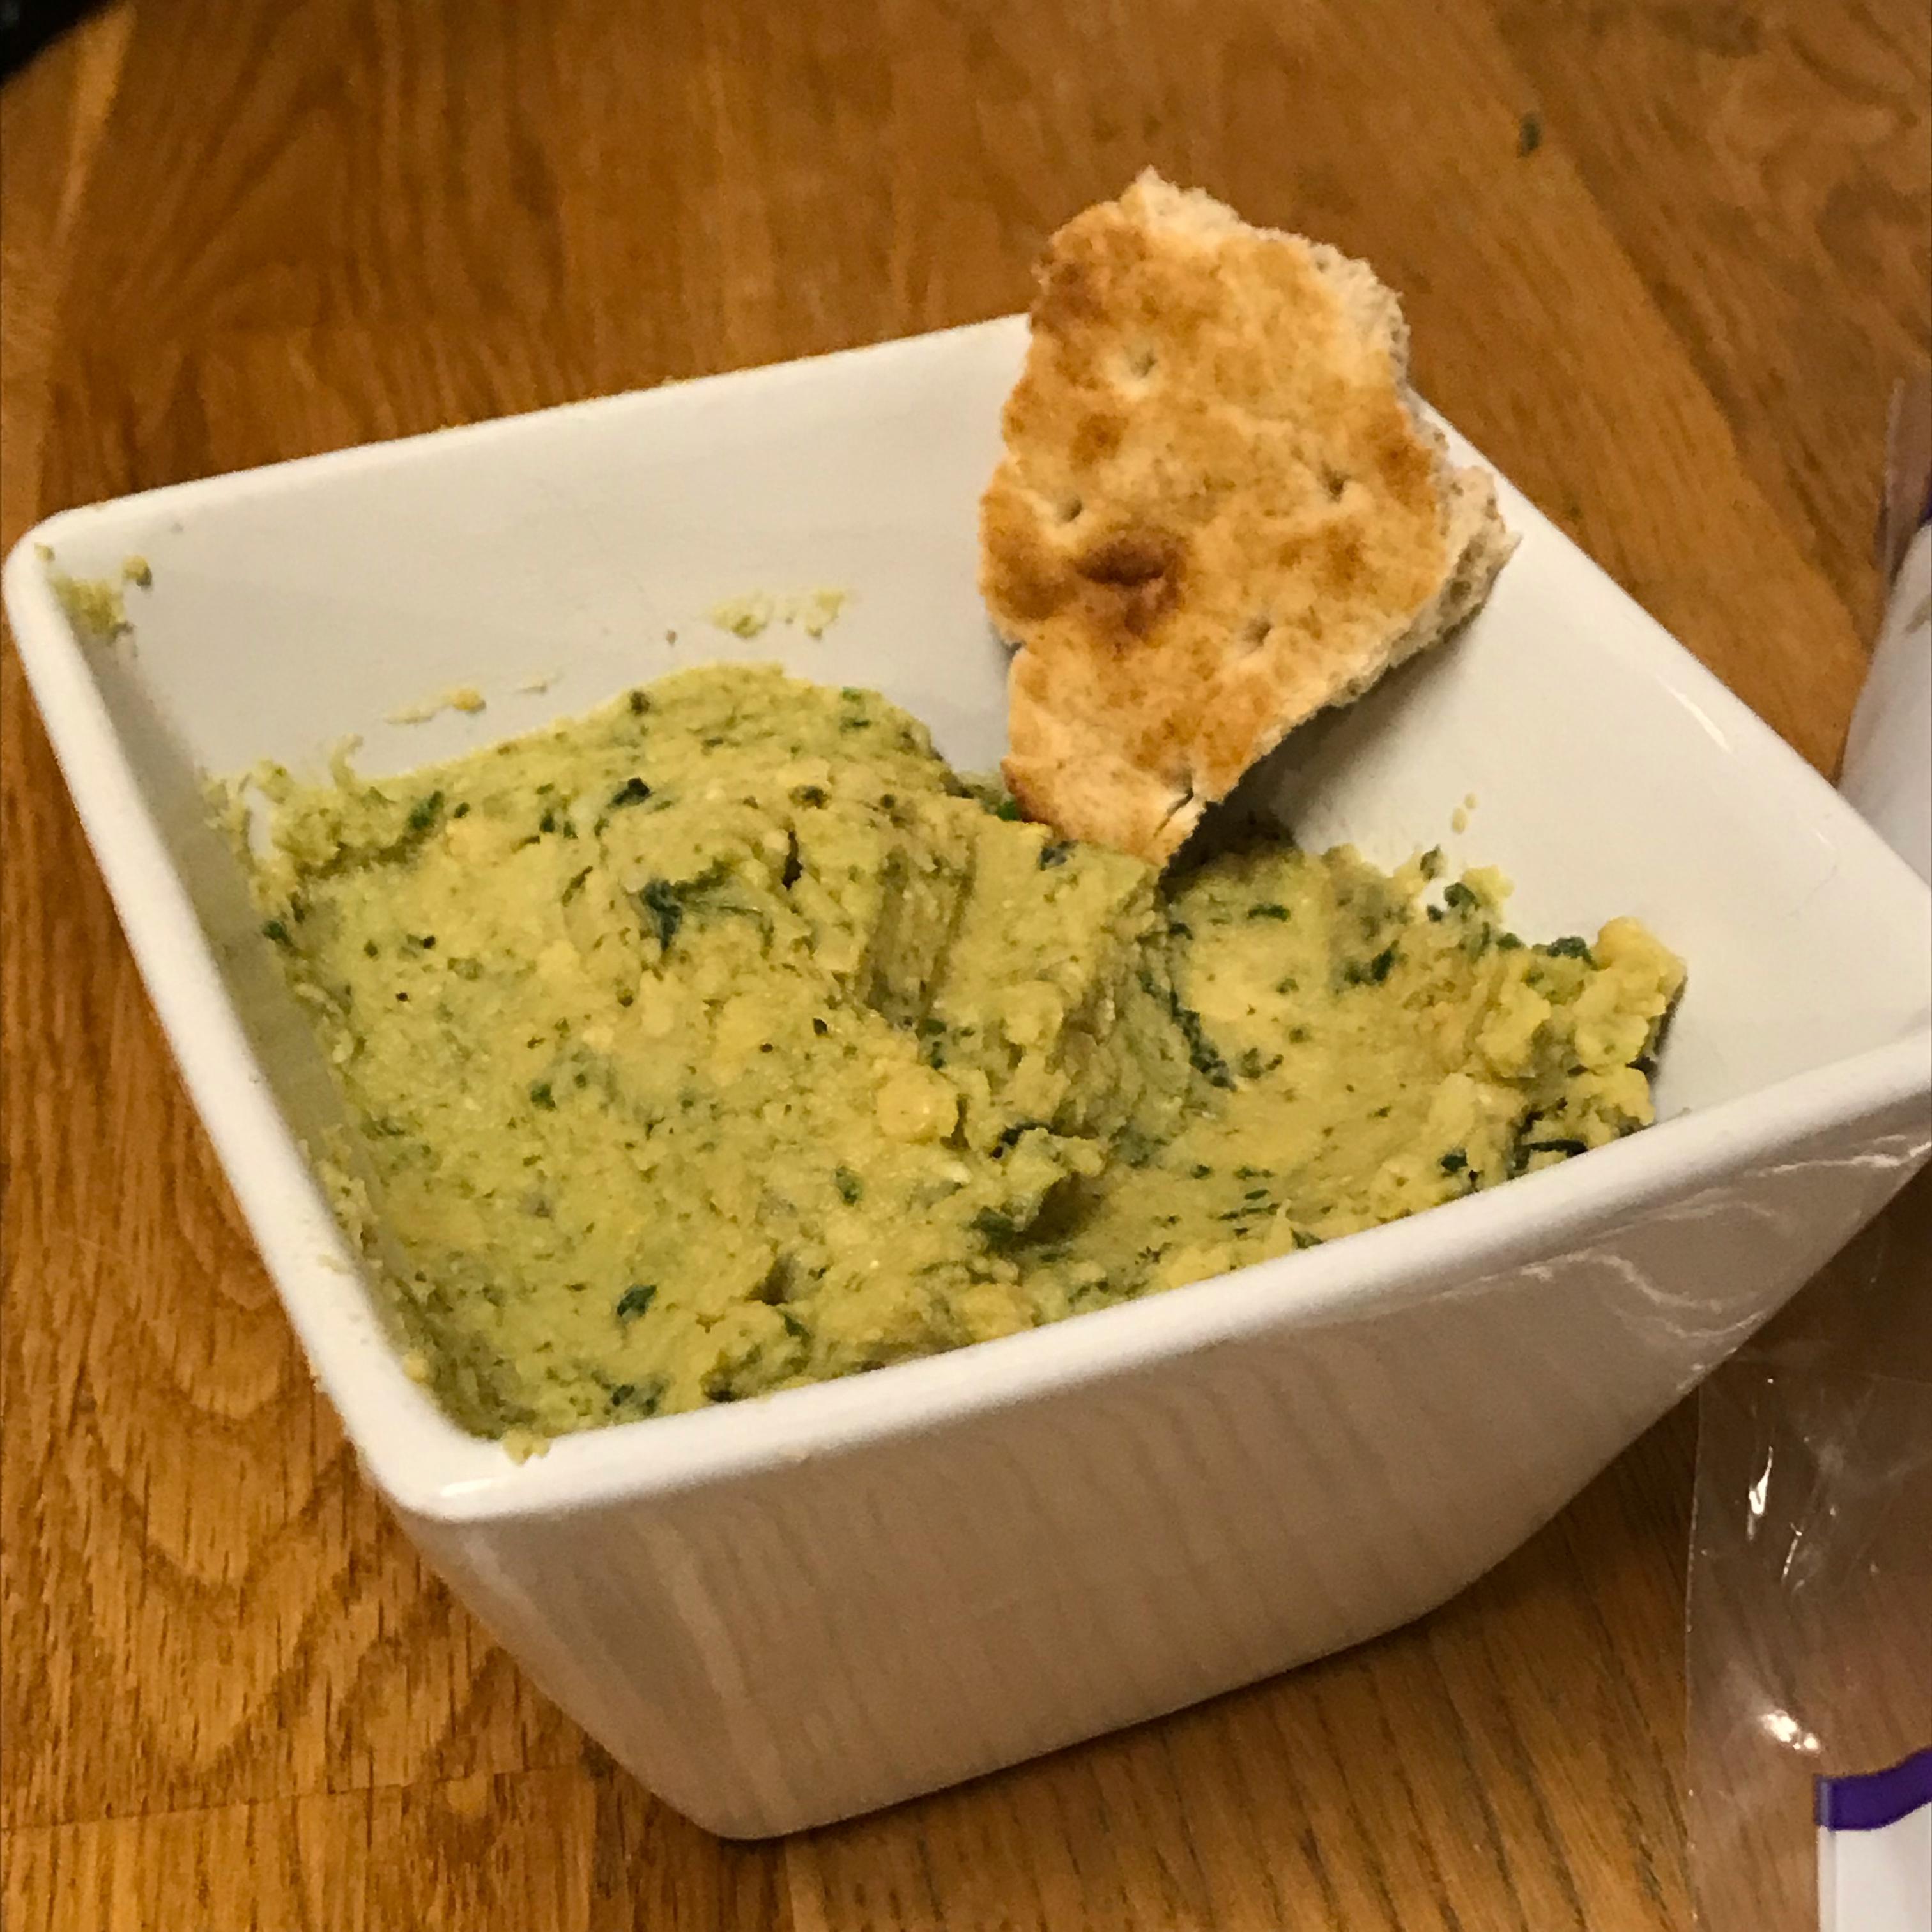 Basil and Pesto Hummus Maddie McDermott